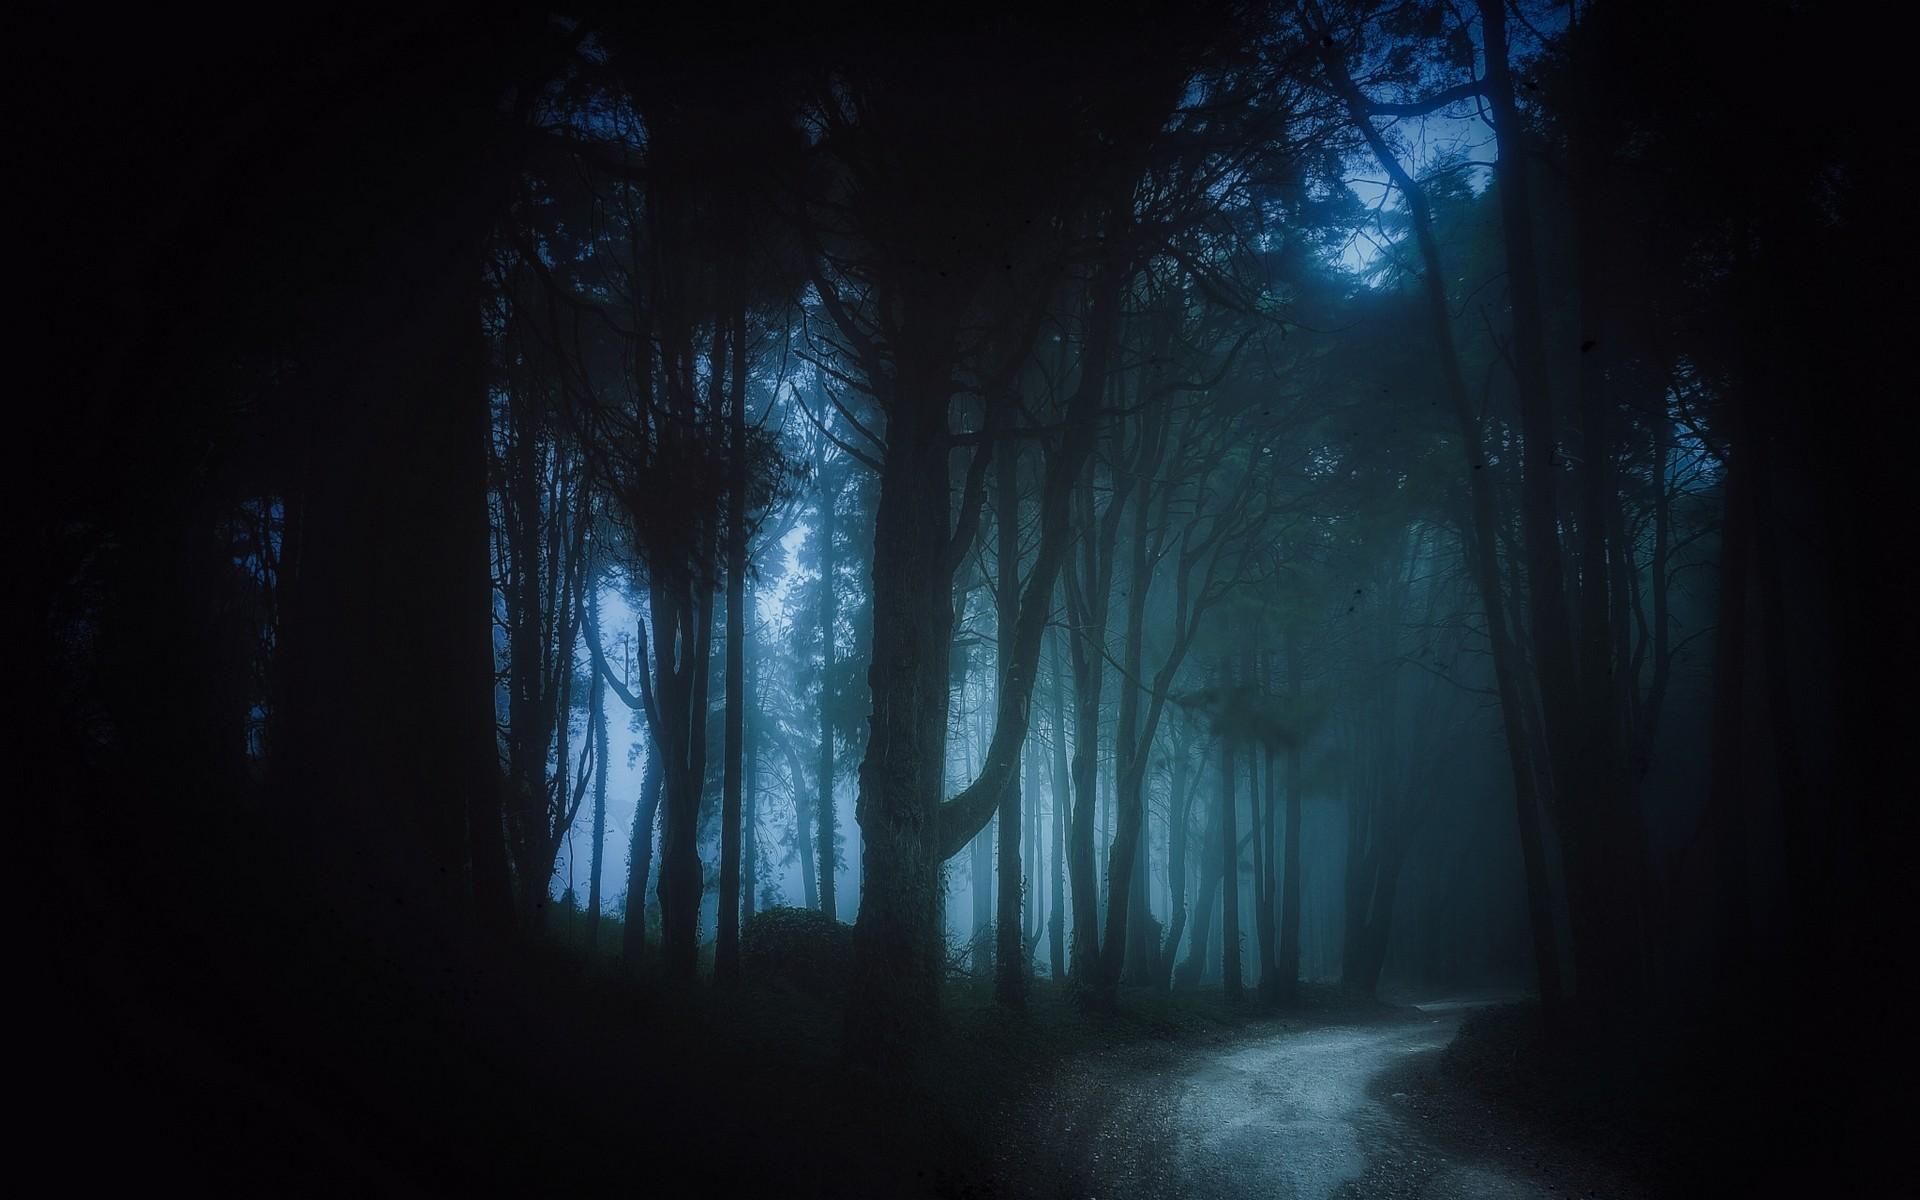 Sunlight Trees Landscape Forest Black Dark Night Mist Moonlight Dirt Road Atmosphere Path Midnight Light Fog